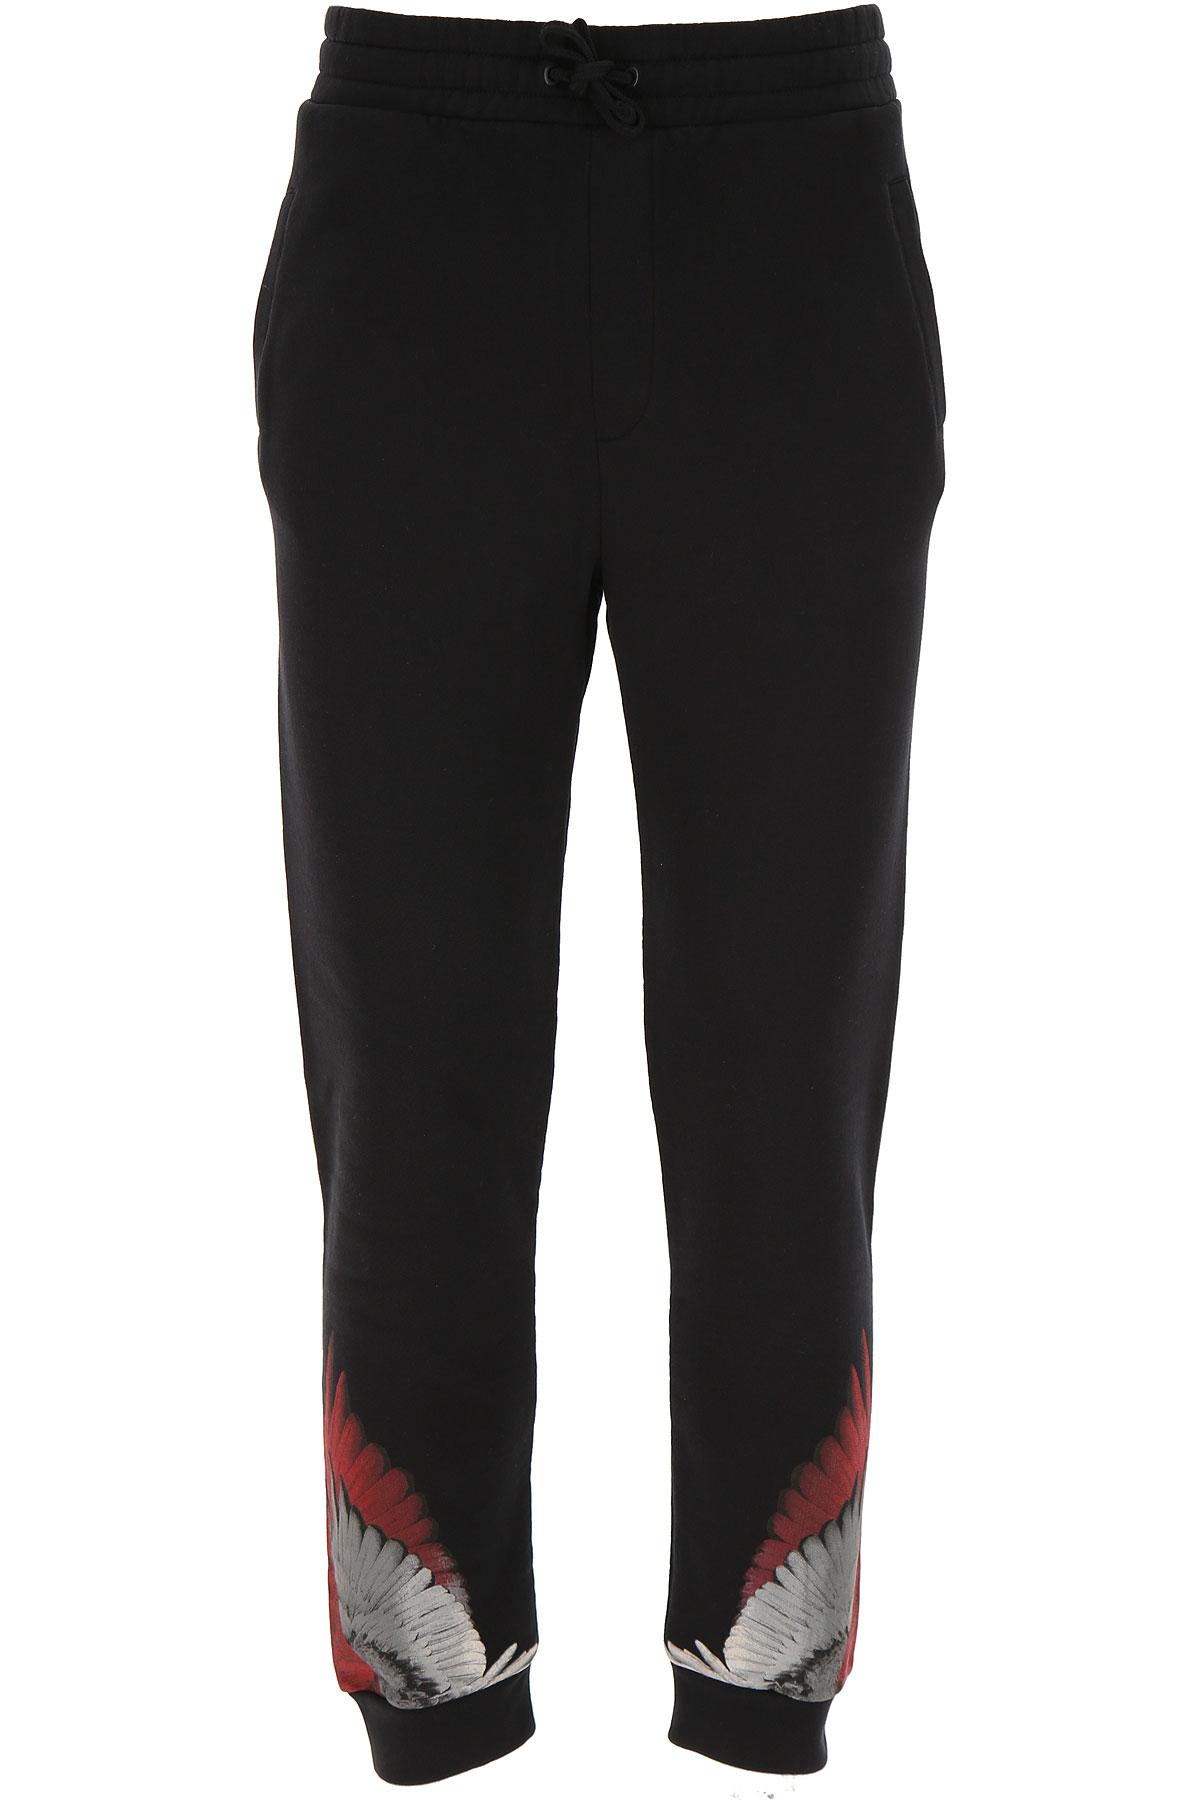 Marcelo Burlon Kids Sweatpants for Boys On Sale, Black, Cotton, 2019, 10Y 12Y 14Y 8Y